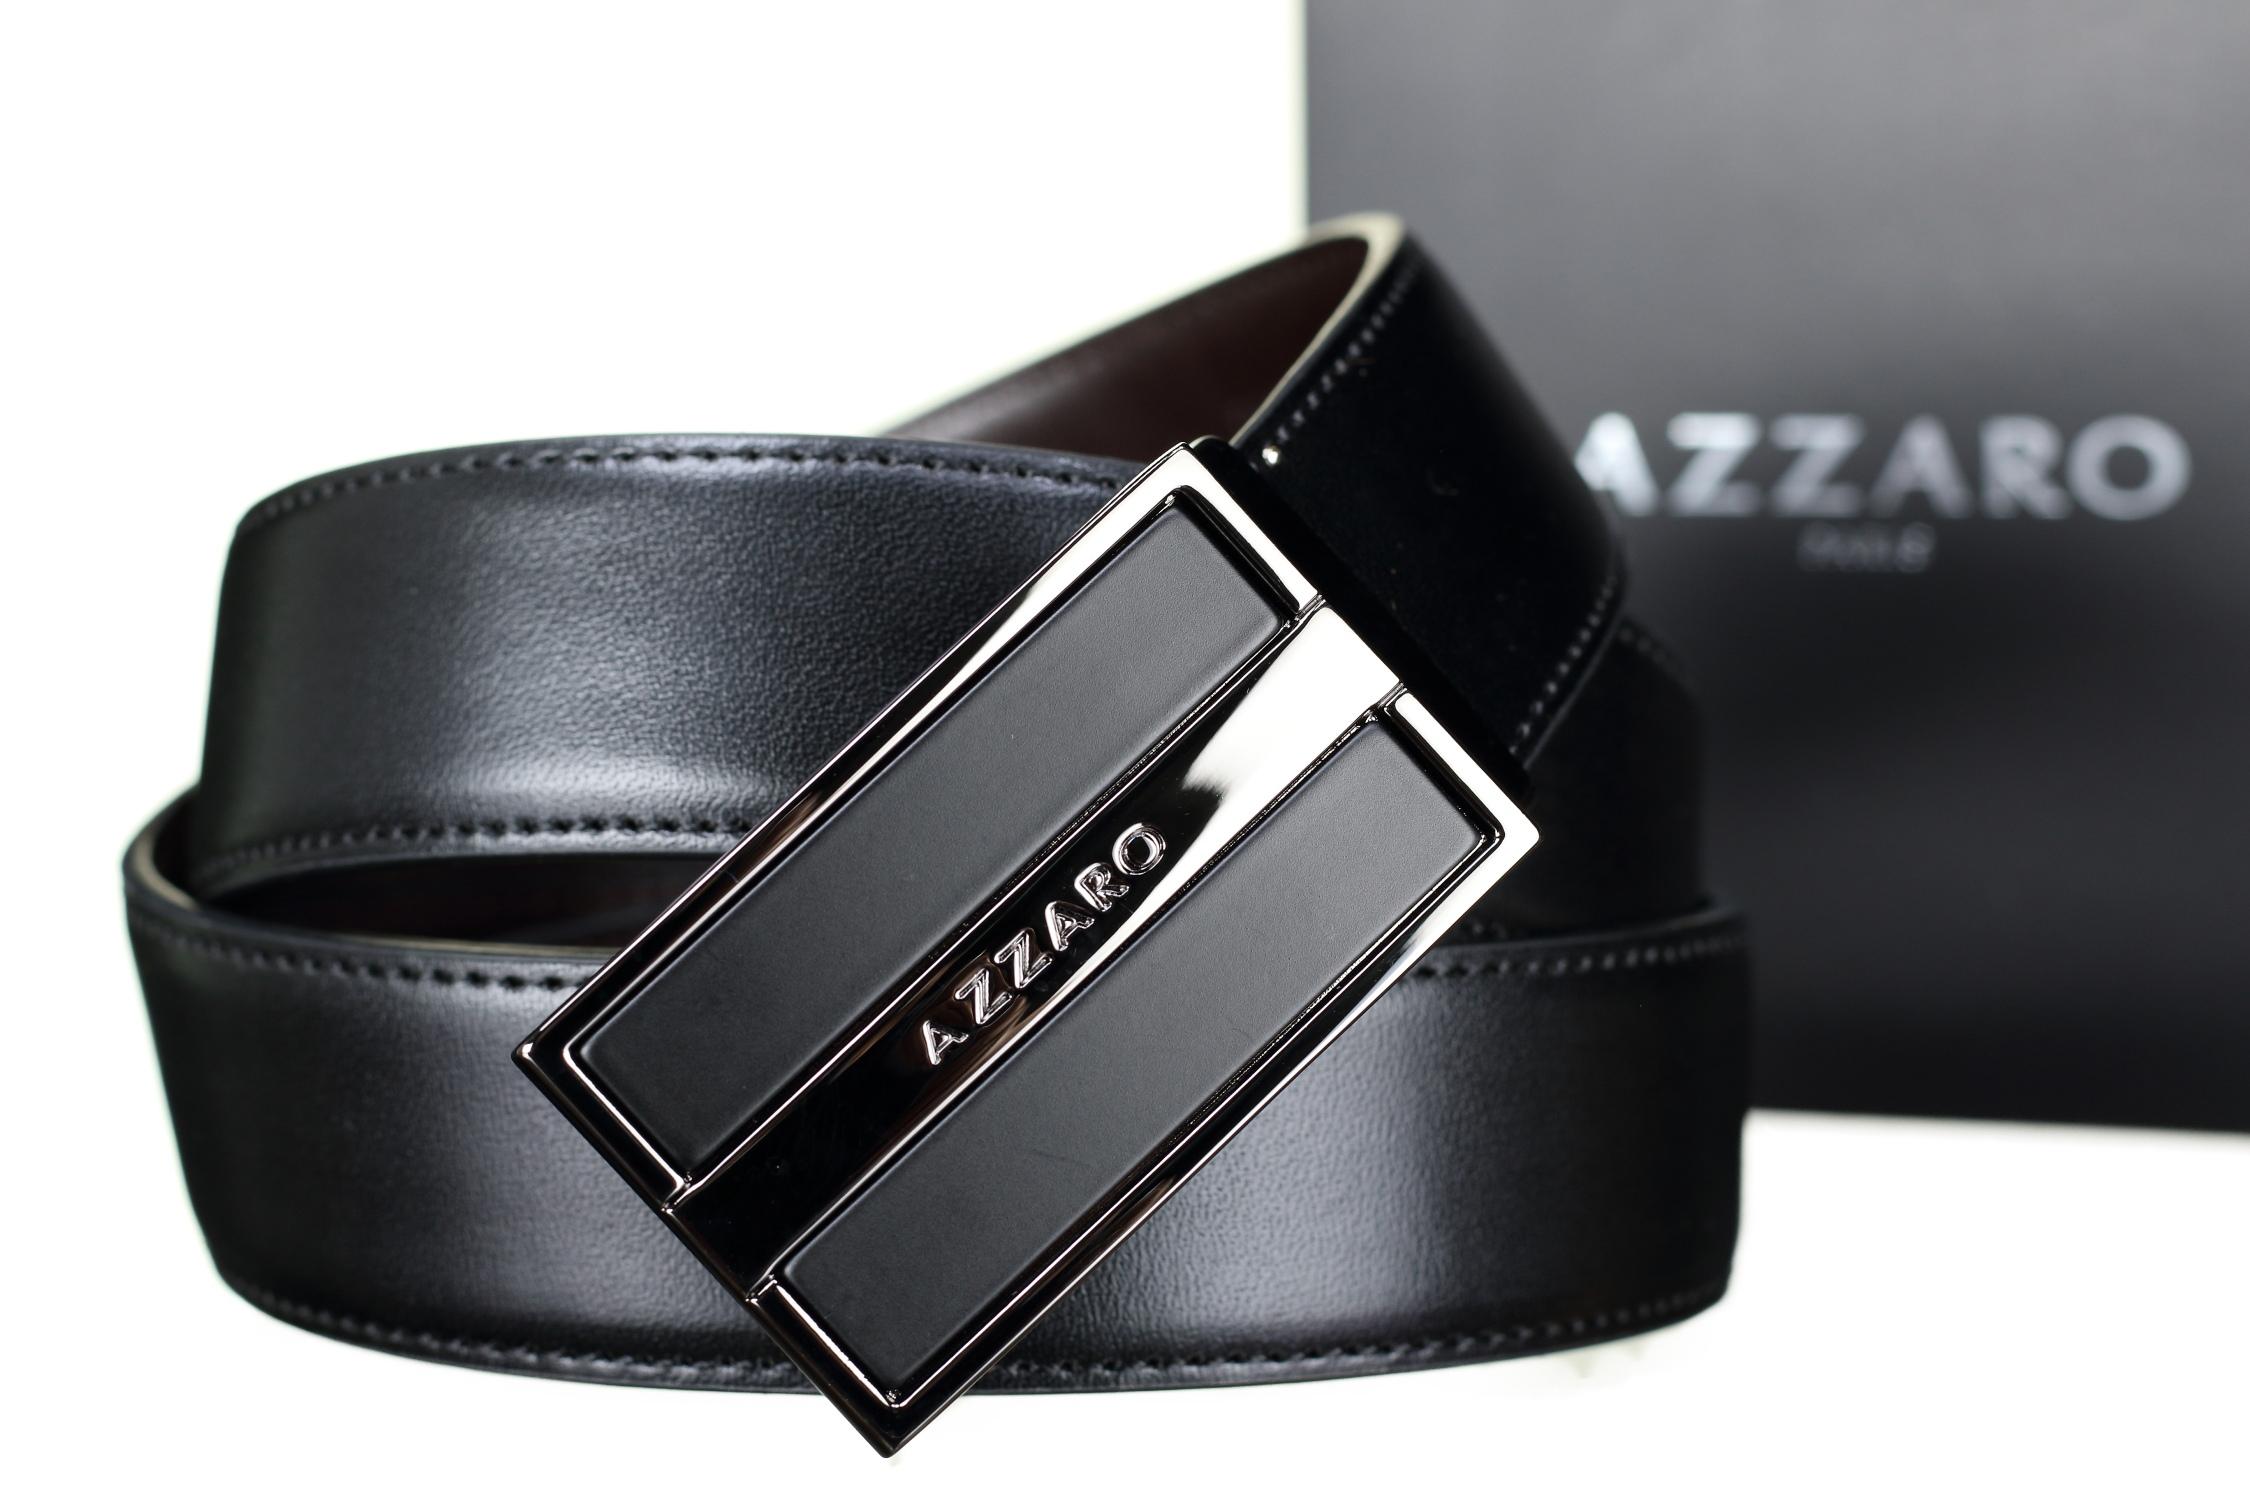 http://www.leadermode.com/160396/azzaro-21240-noir-marron.jpg